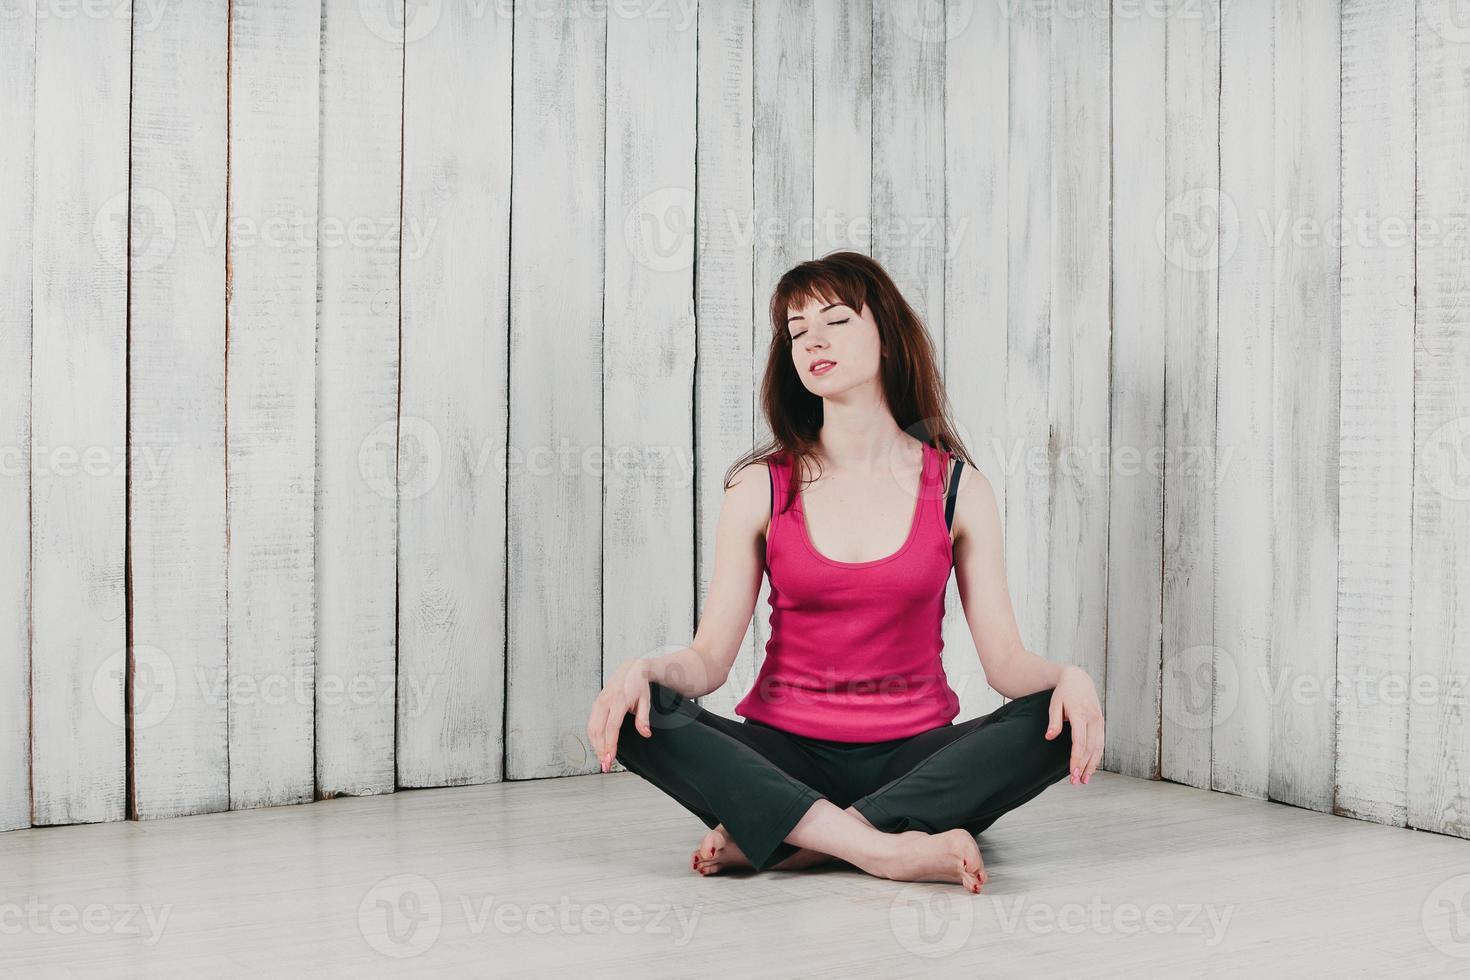 ragazza in top rosa, seduta a gambe incrociate sul pavimento, sorridente foto